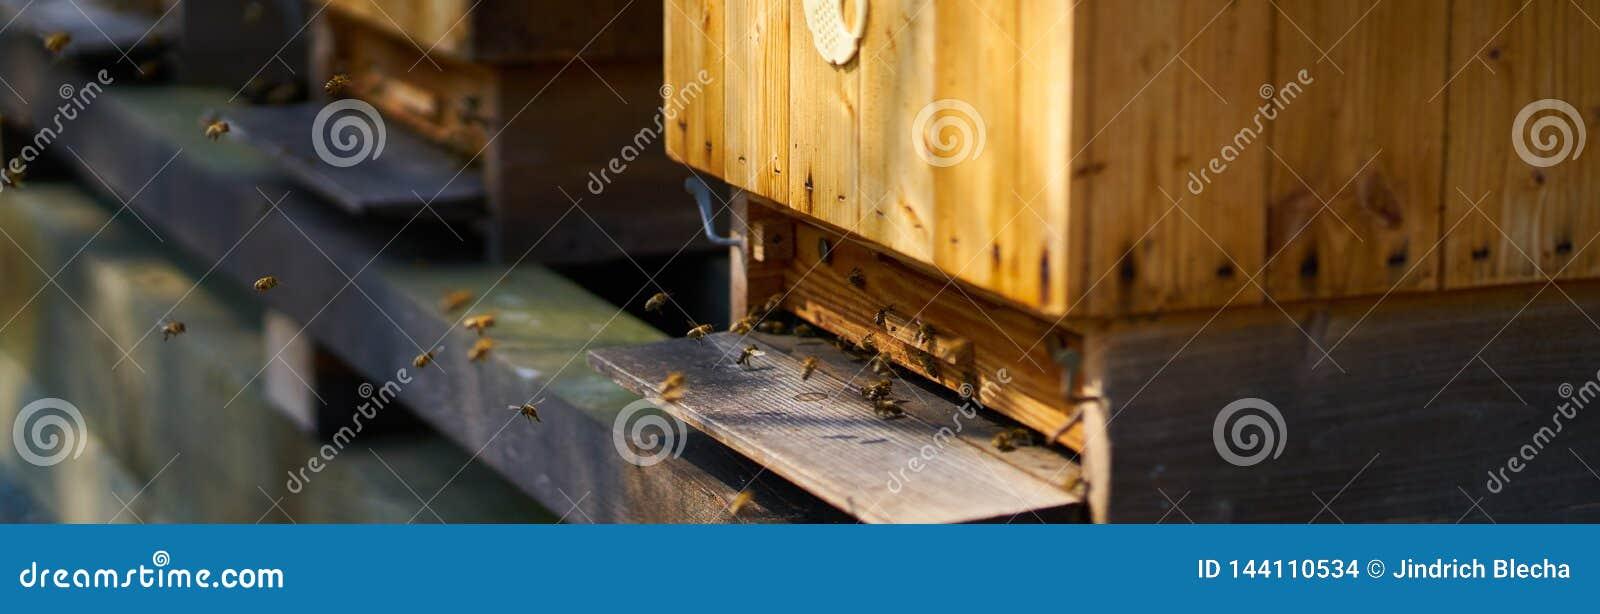 Bijen die houten bijenkorf op een zonnige dag ingaan